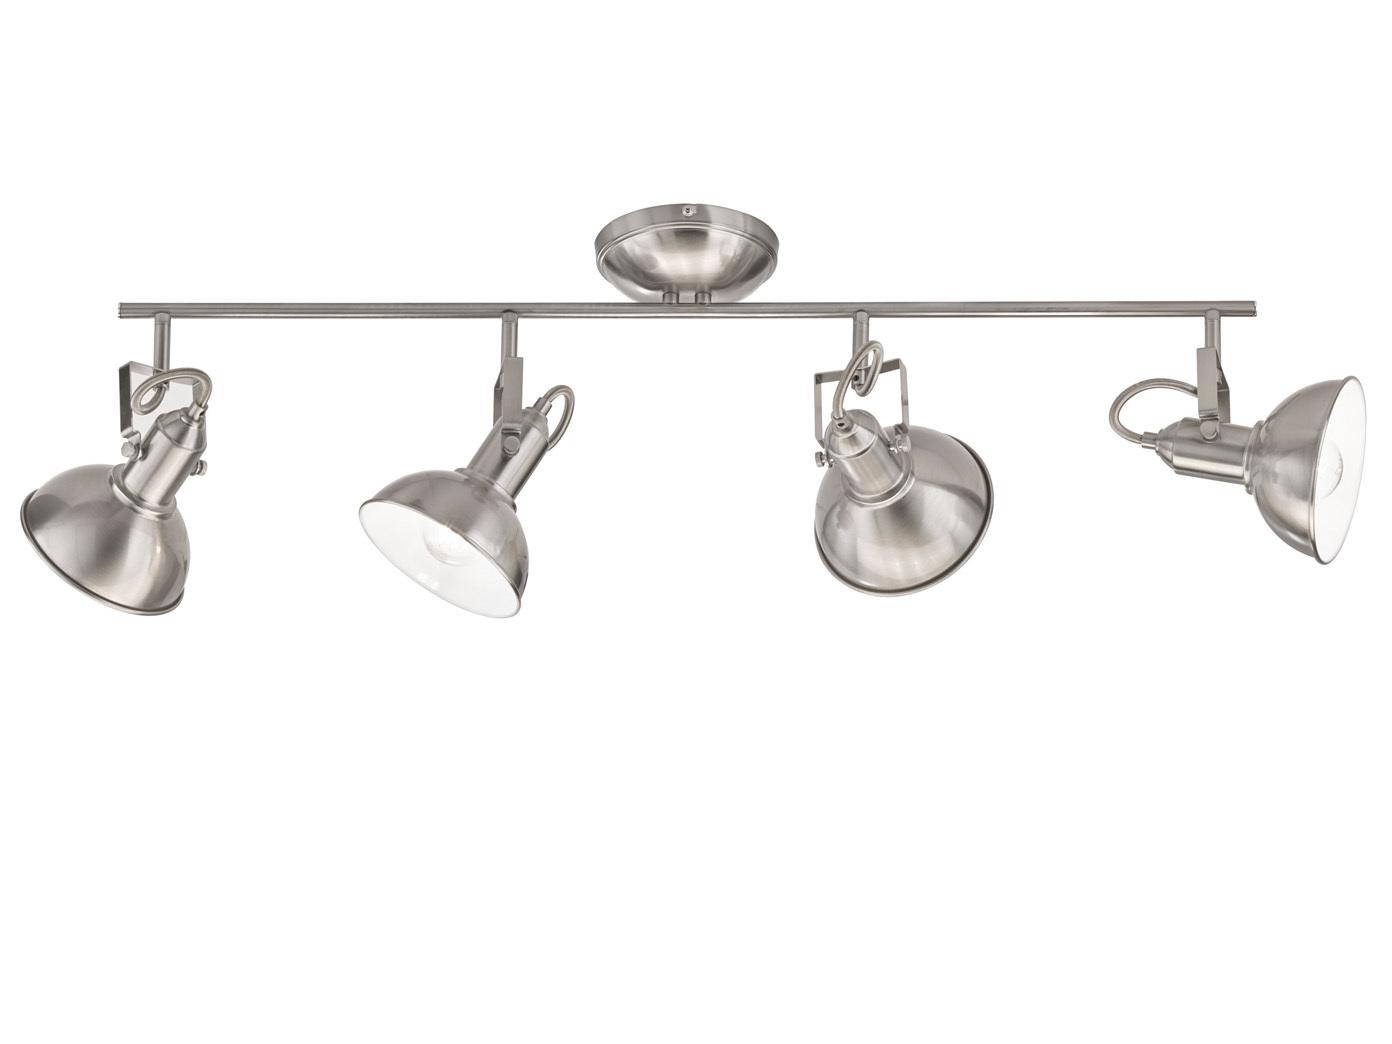 Deckenstrahler Wohnzimmer | Retro Led Deckenstrahler Nickel Matt Spots Schwenkbar Deckenlampen